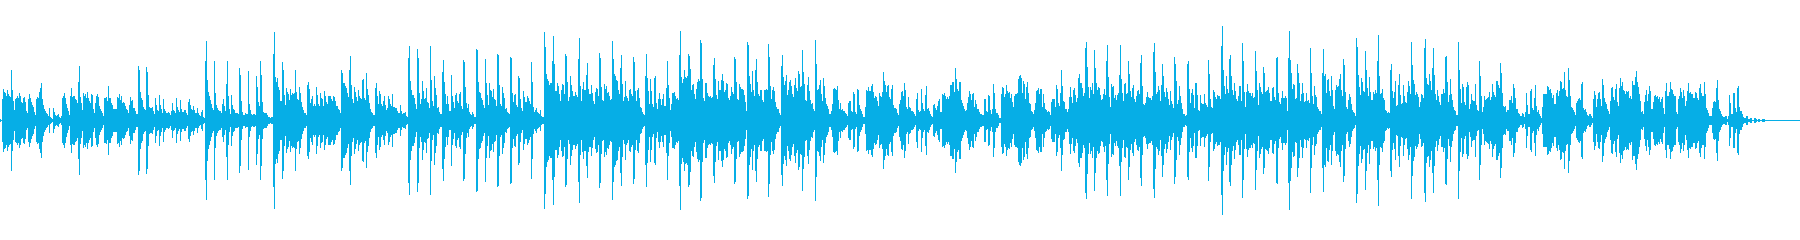 独特なリズムで音色が綺麗なメロディーの再生済みの波形